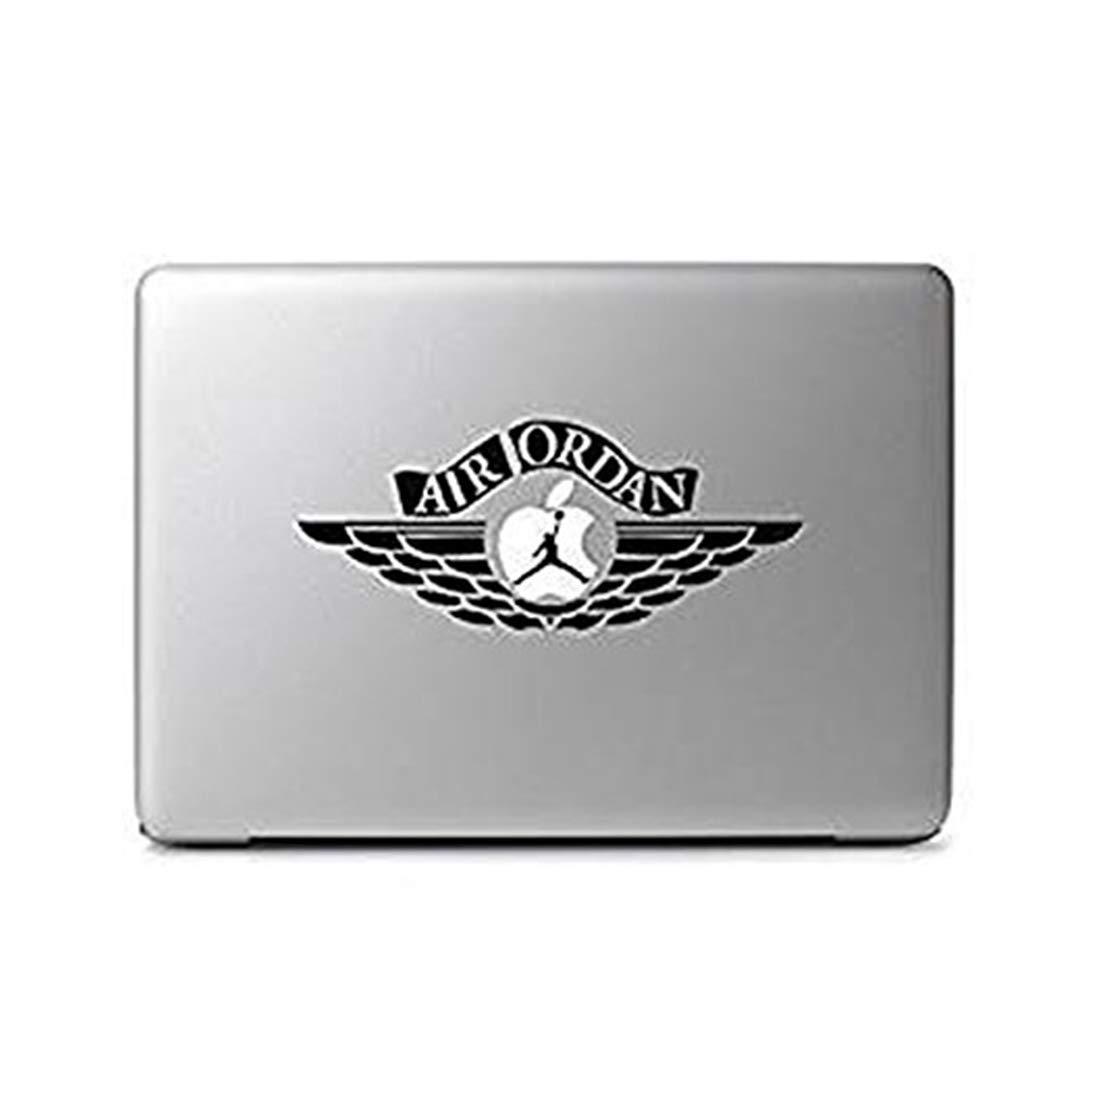 クールカラフルfor MacBookラップトップコンピュータまたは任意フラットサーフェス領域デカールステッカーBuy 2 Get 1 B072L7XPS4 Jordan Flight